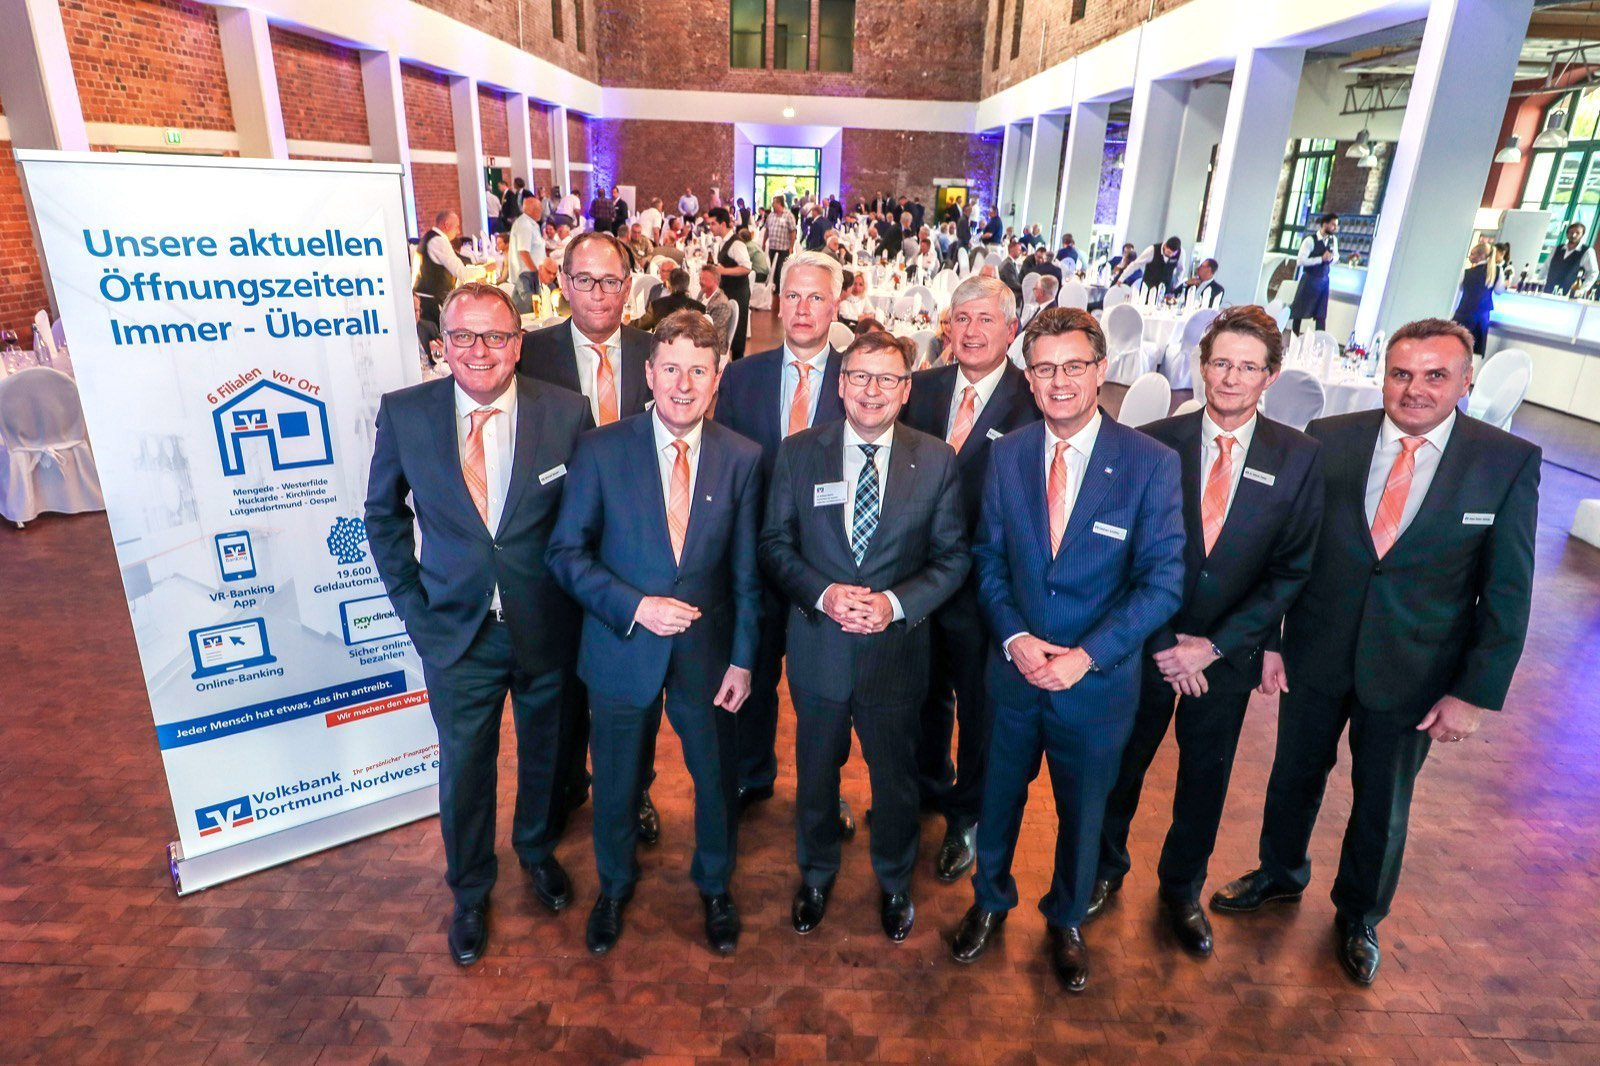 130 Jahre in der Region: Vertreterversammlung der Volksbank Dortmund-Nordwest eG